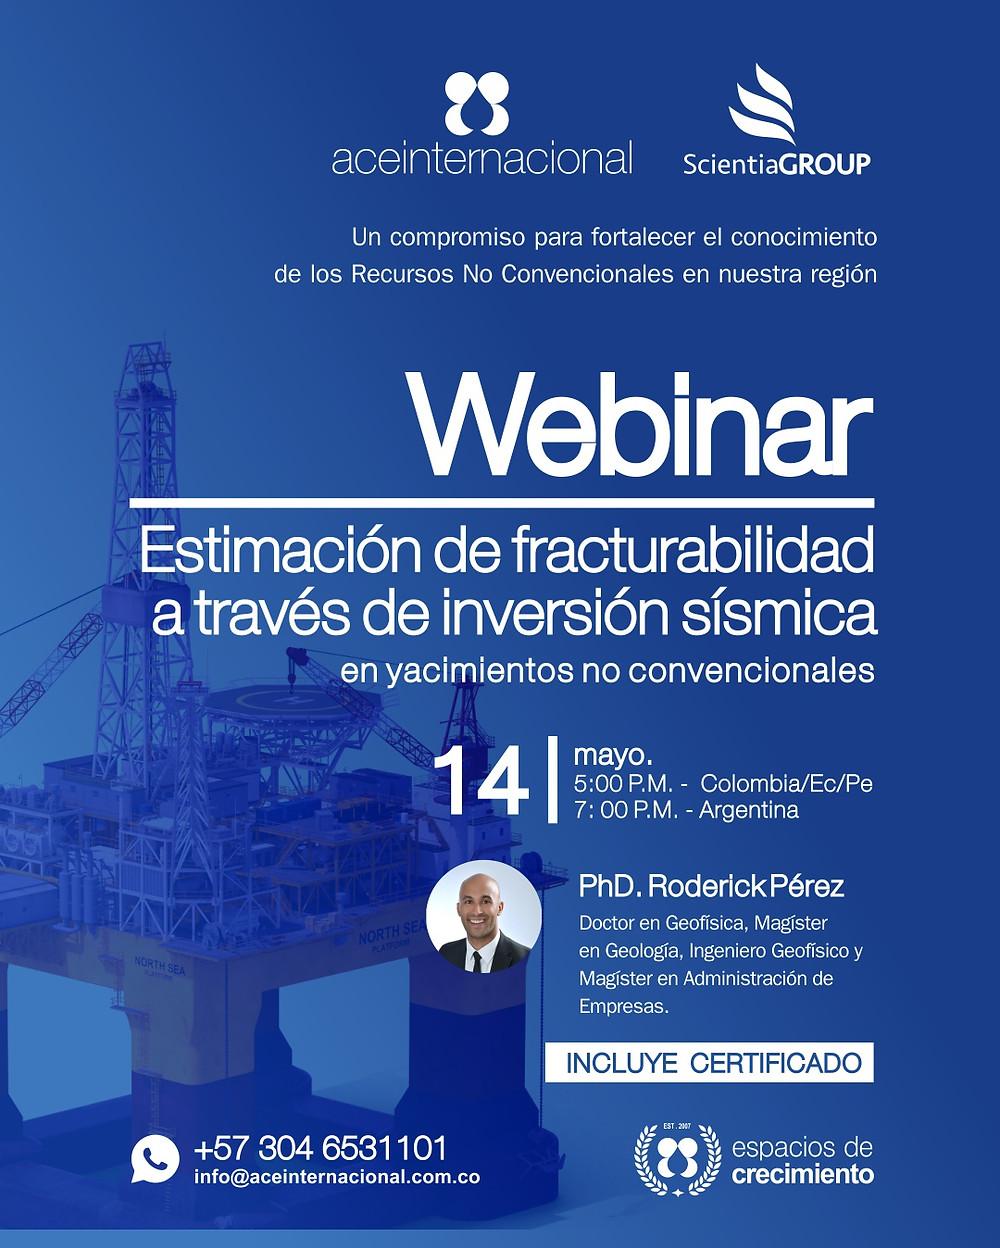 Webinar - Estimación Fracturabilidad a través de inversión sísmoca en yacimientos no convencionales - ACE Internacional cursos petroleros